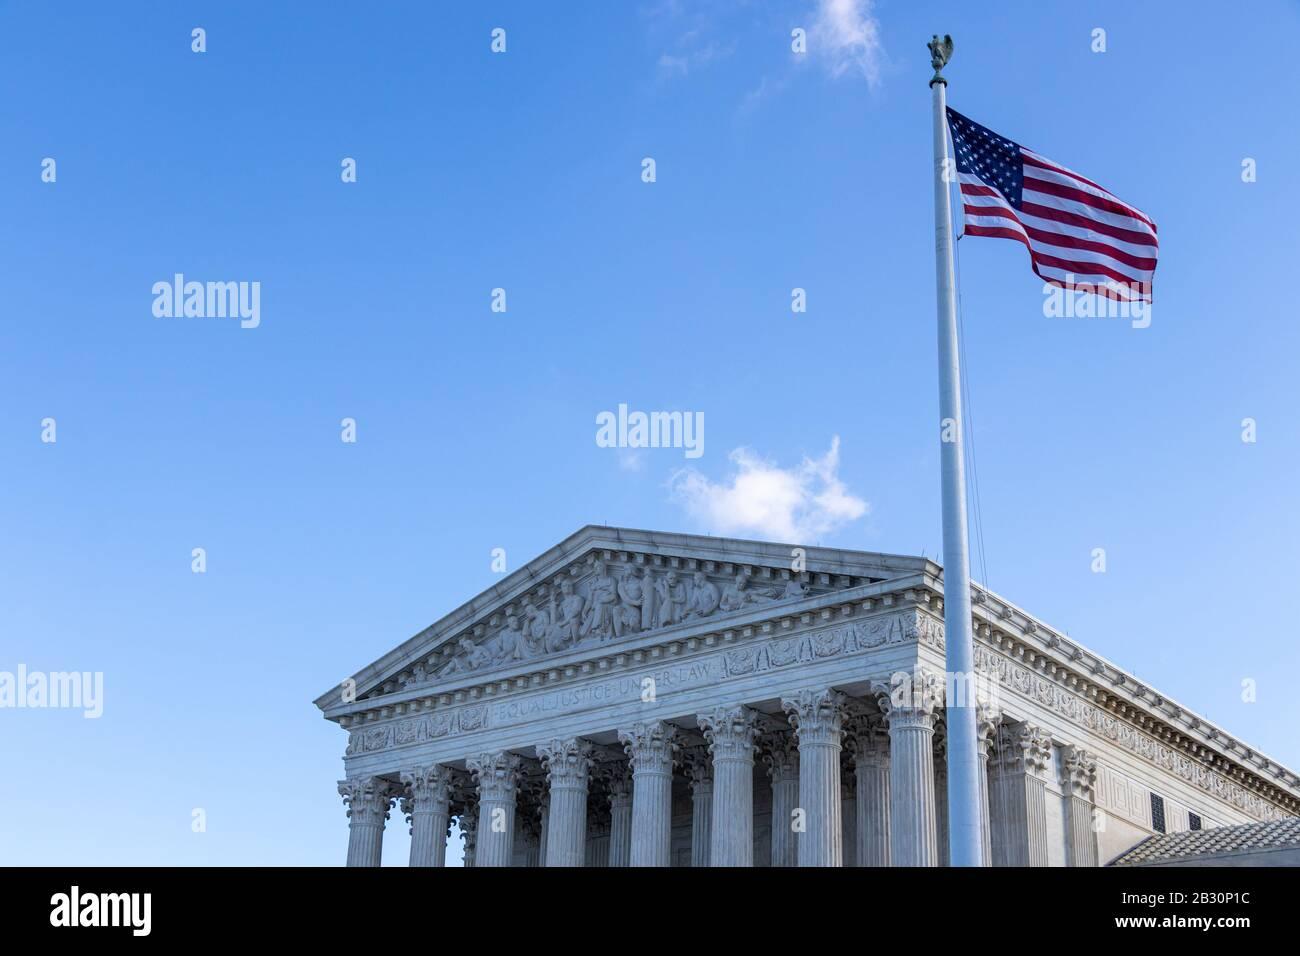 Bandera estadounidense que se alaba frente a la Corte Suprema de los Estados Unidos. Foto de stock